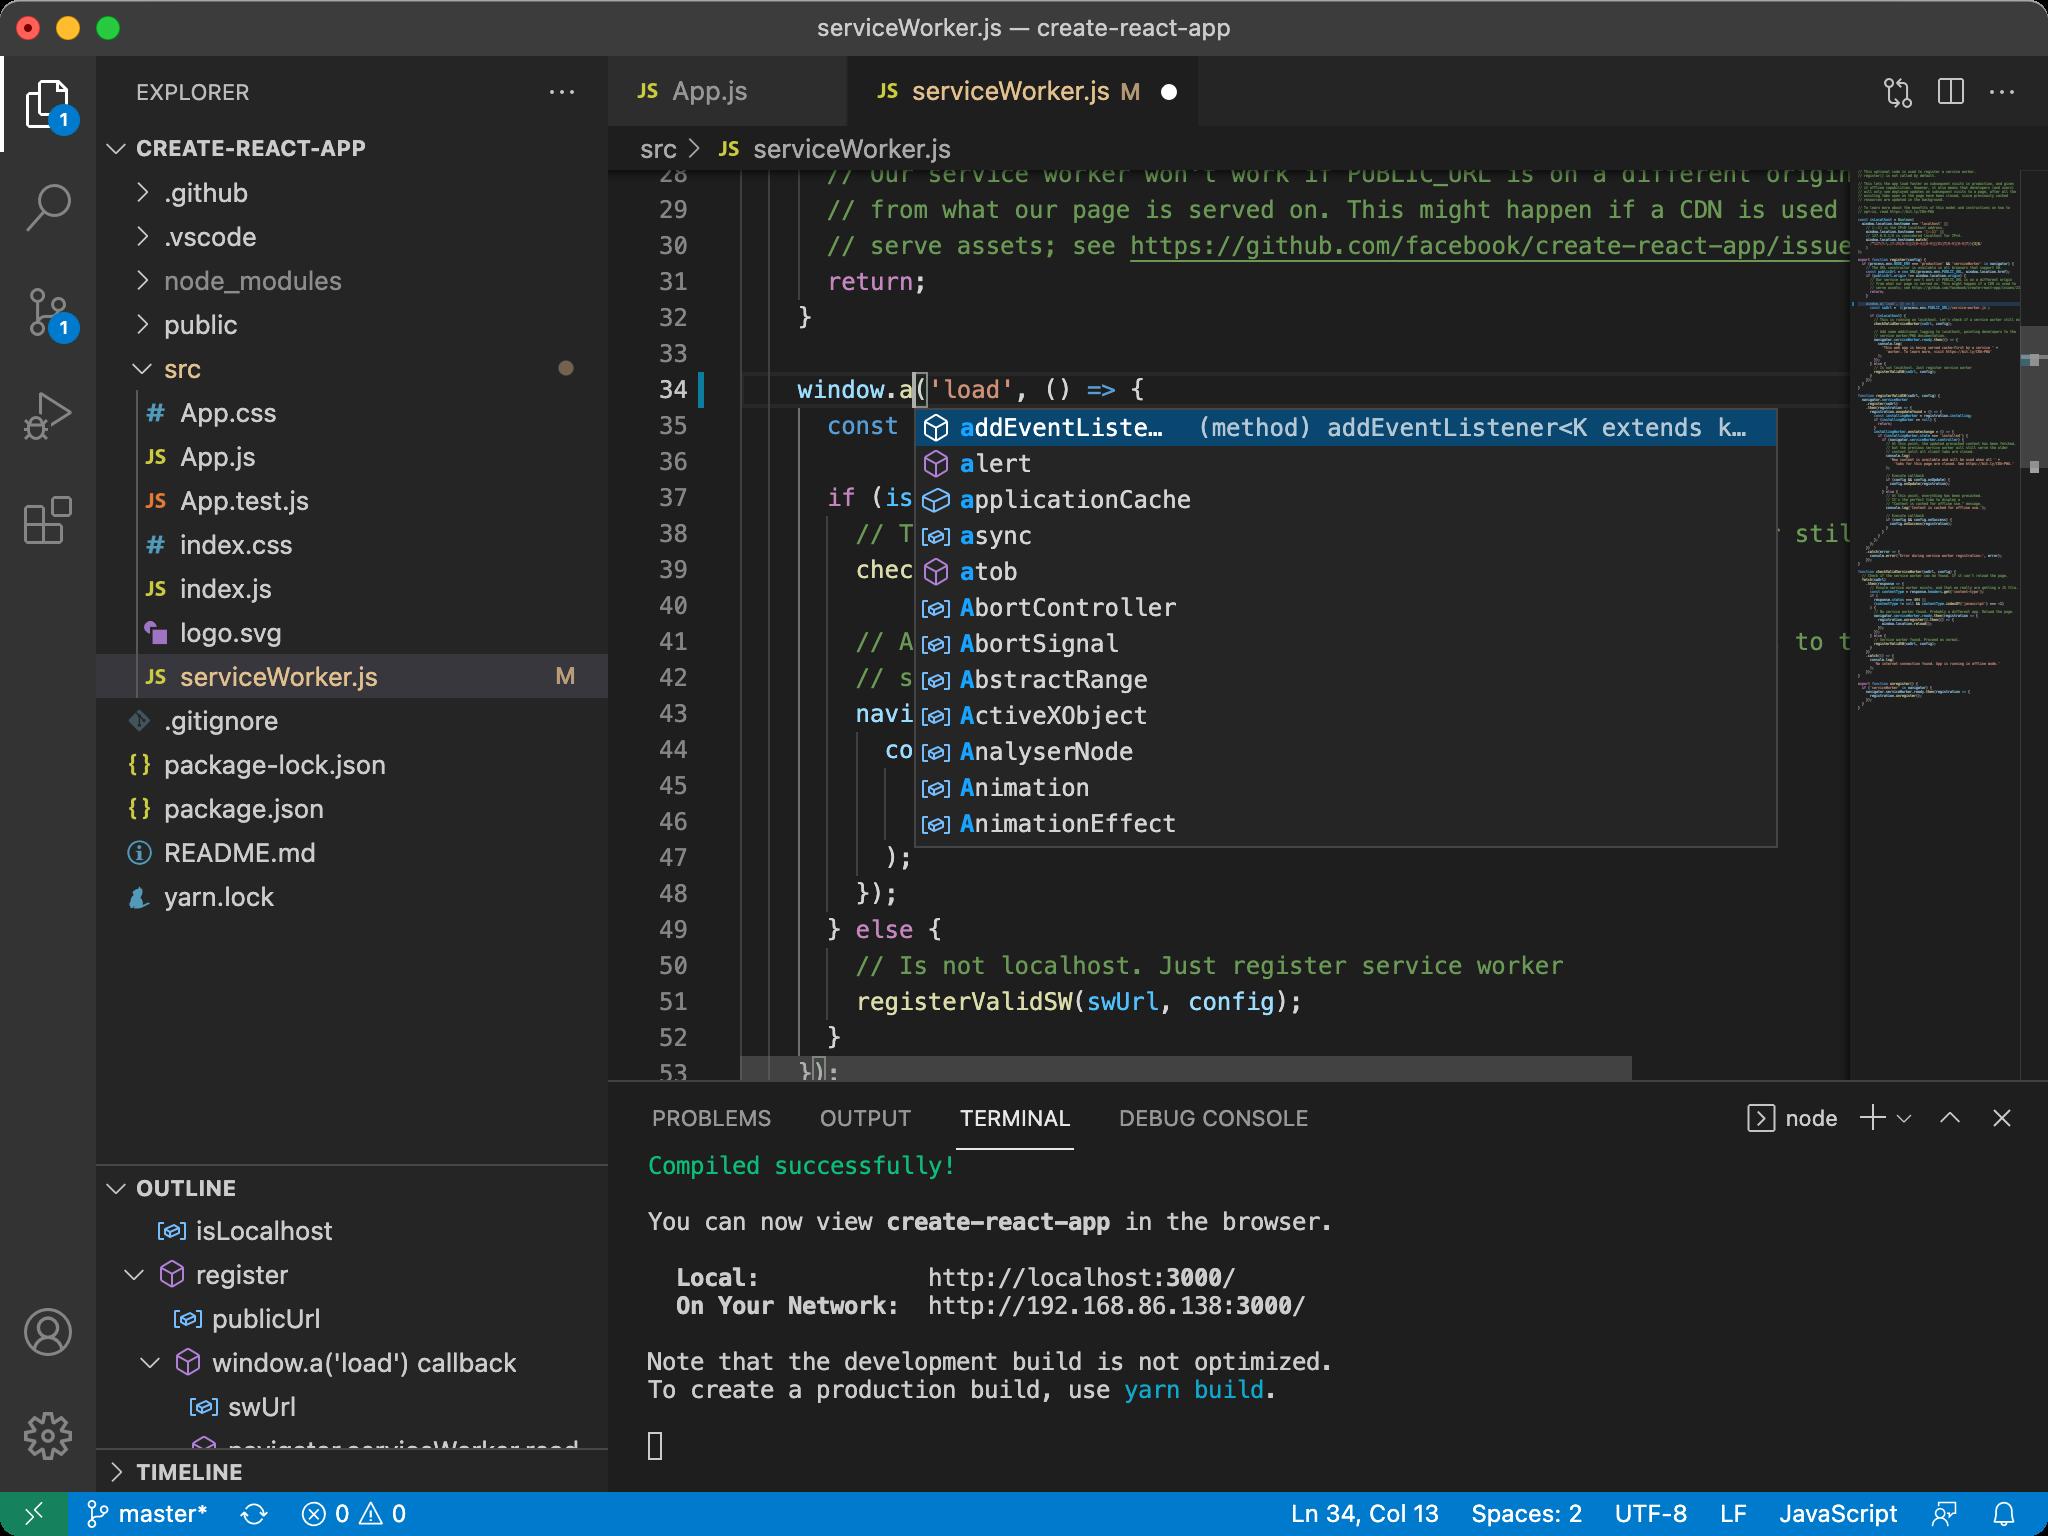 VS Code in action